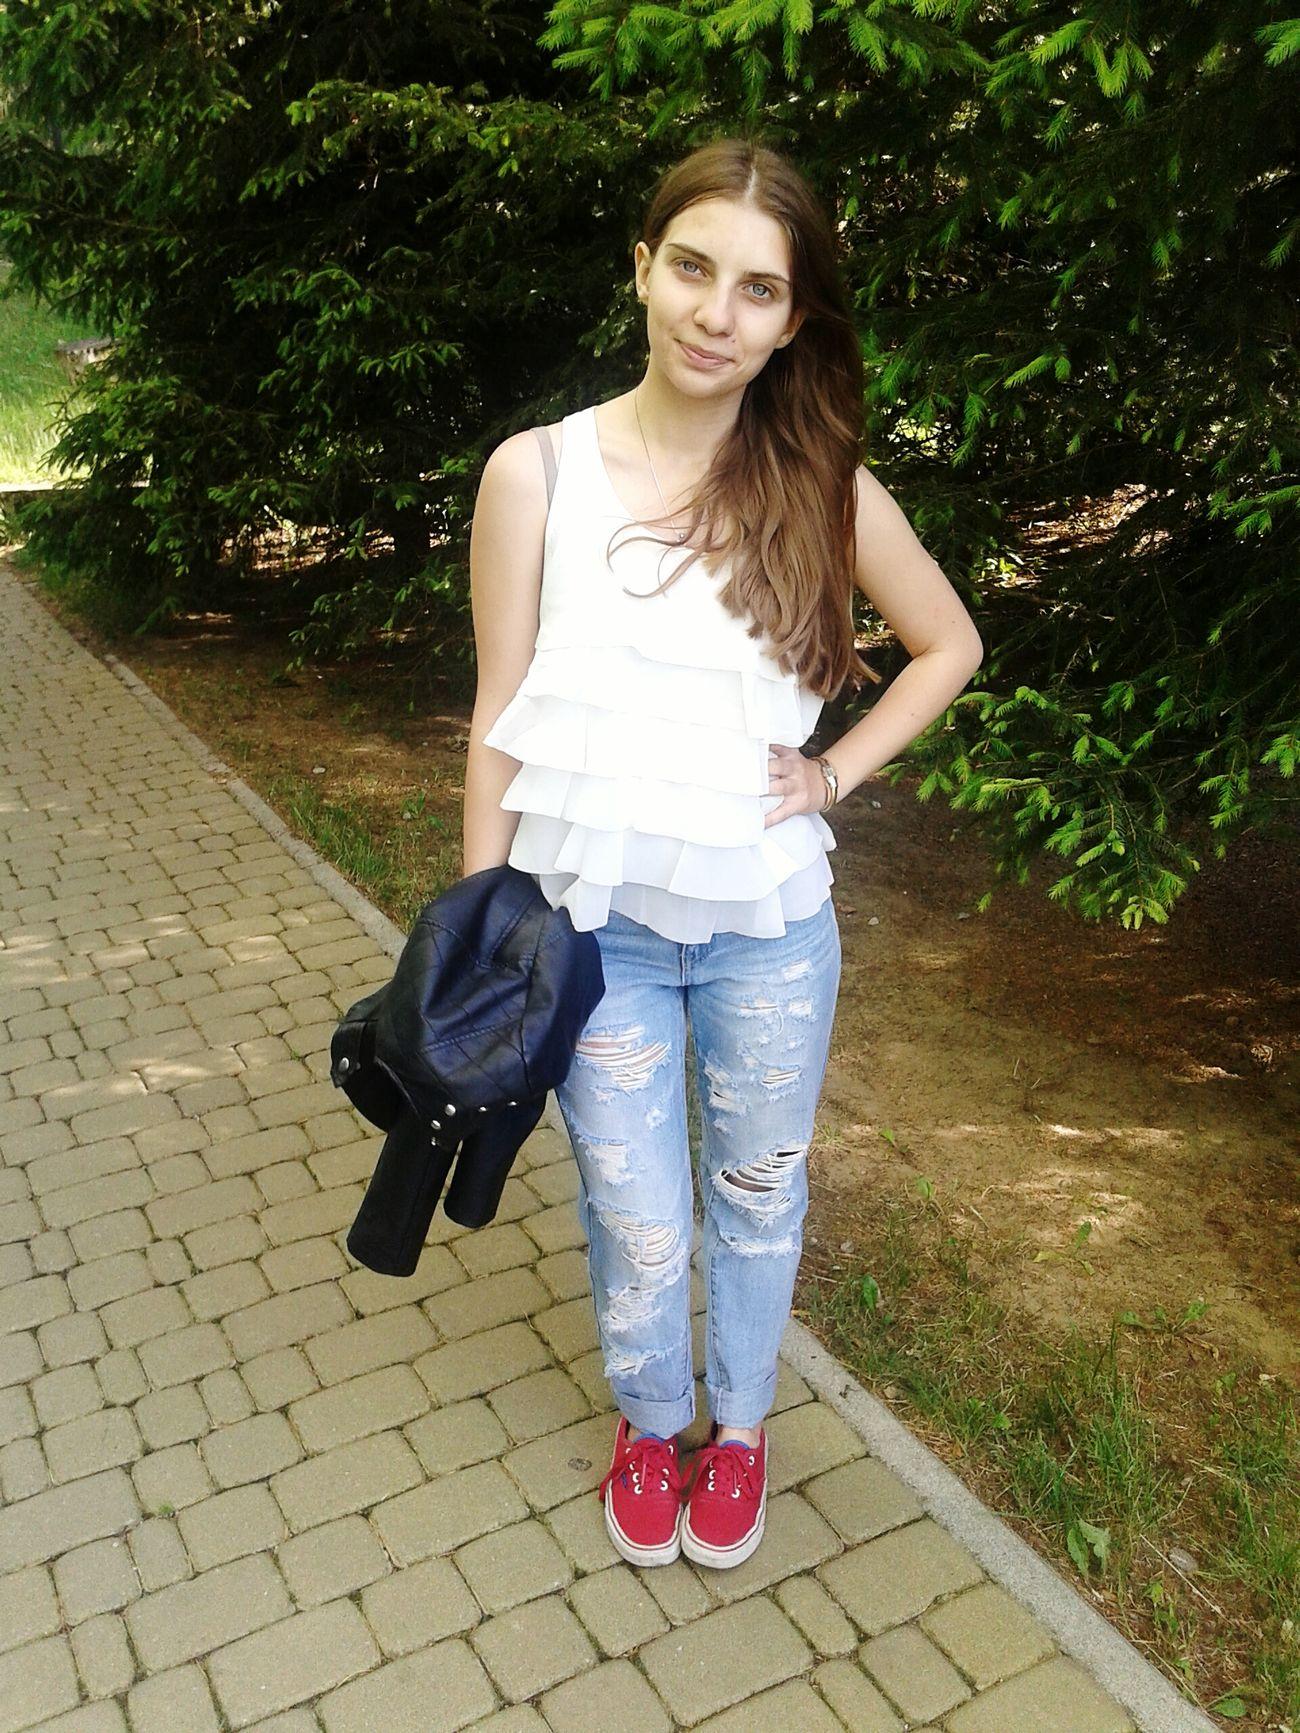 Polishgirl Polskadziewczyna Polskadupeczka Pretty Pretty Girl Beauty Beautiful Fashionista Outfit Natural Beauty